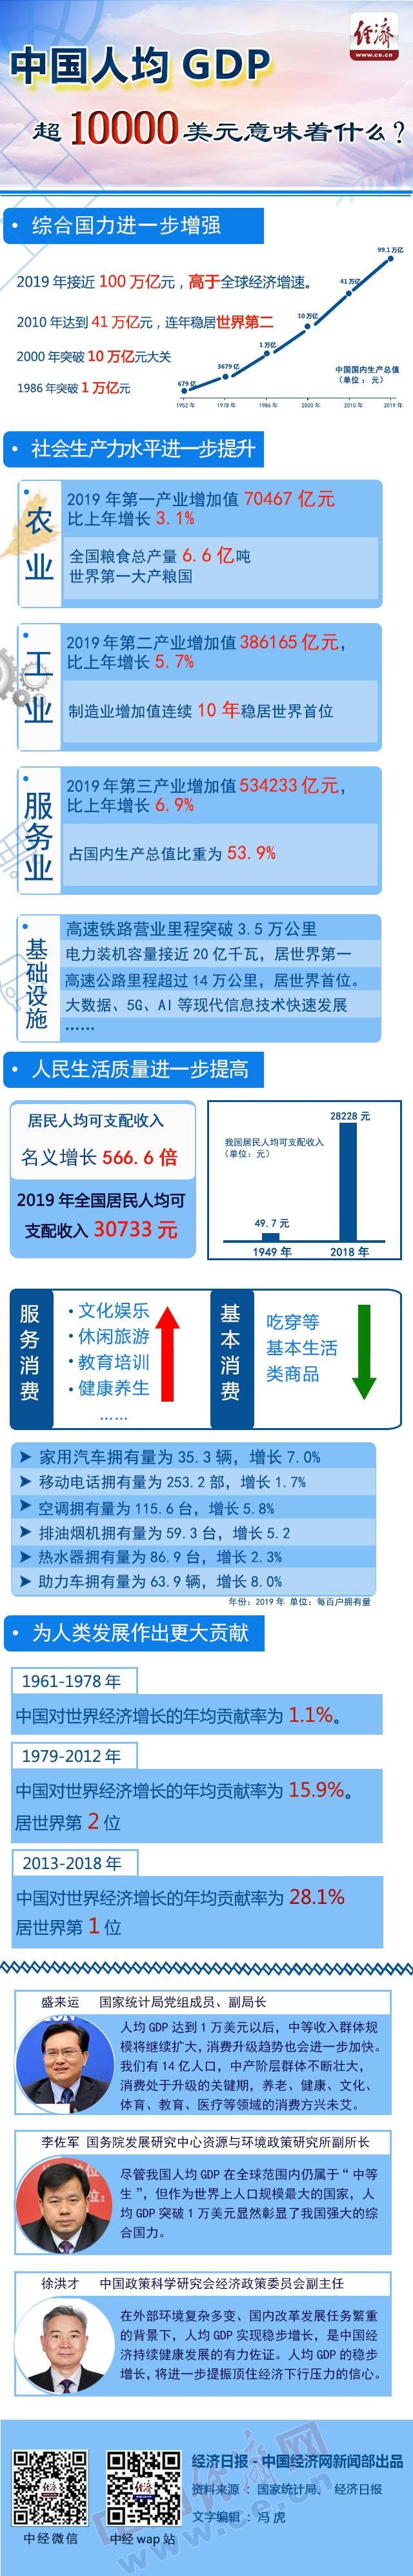 图解:中国人均GDP超1万美元意味什么?插图